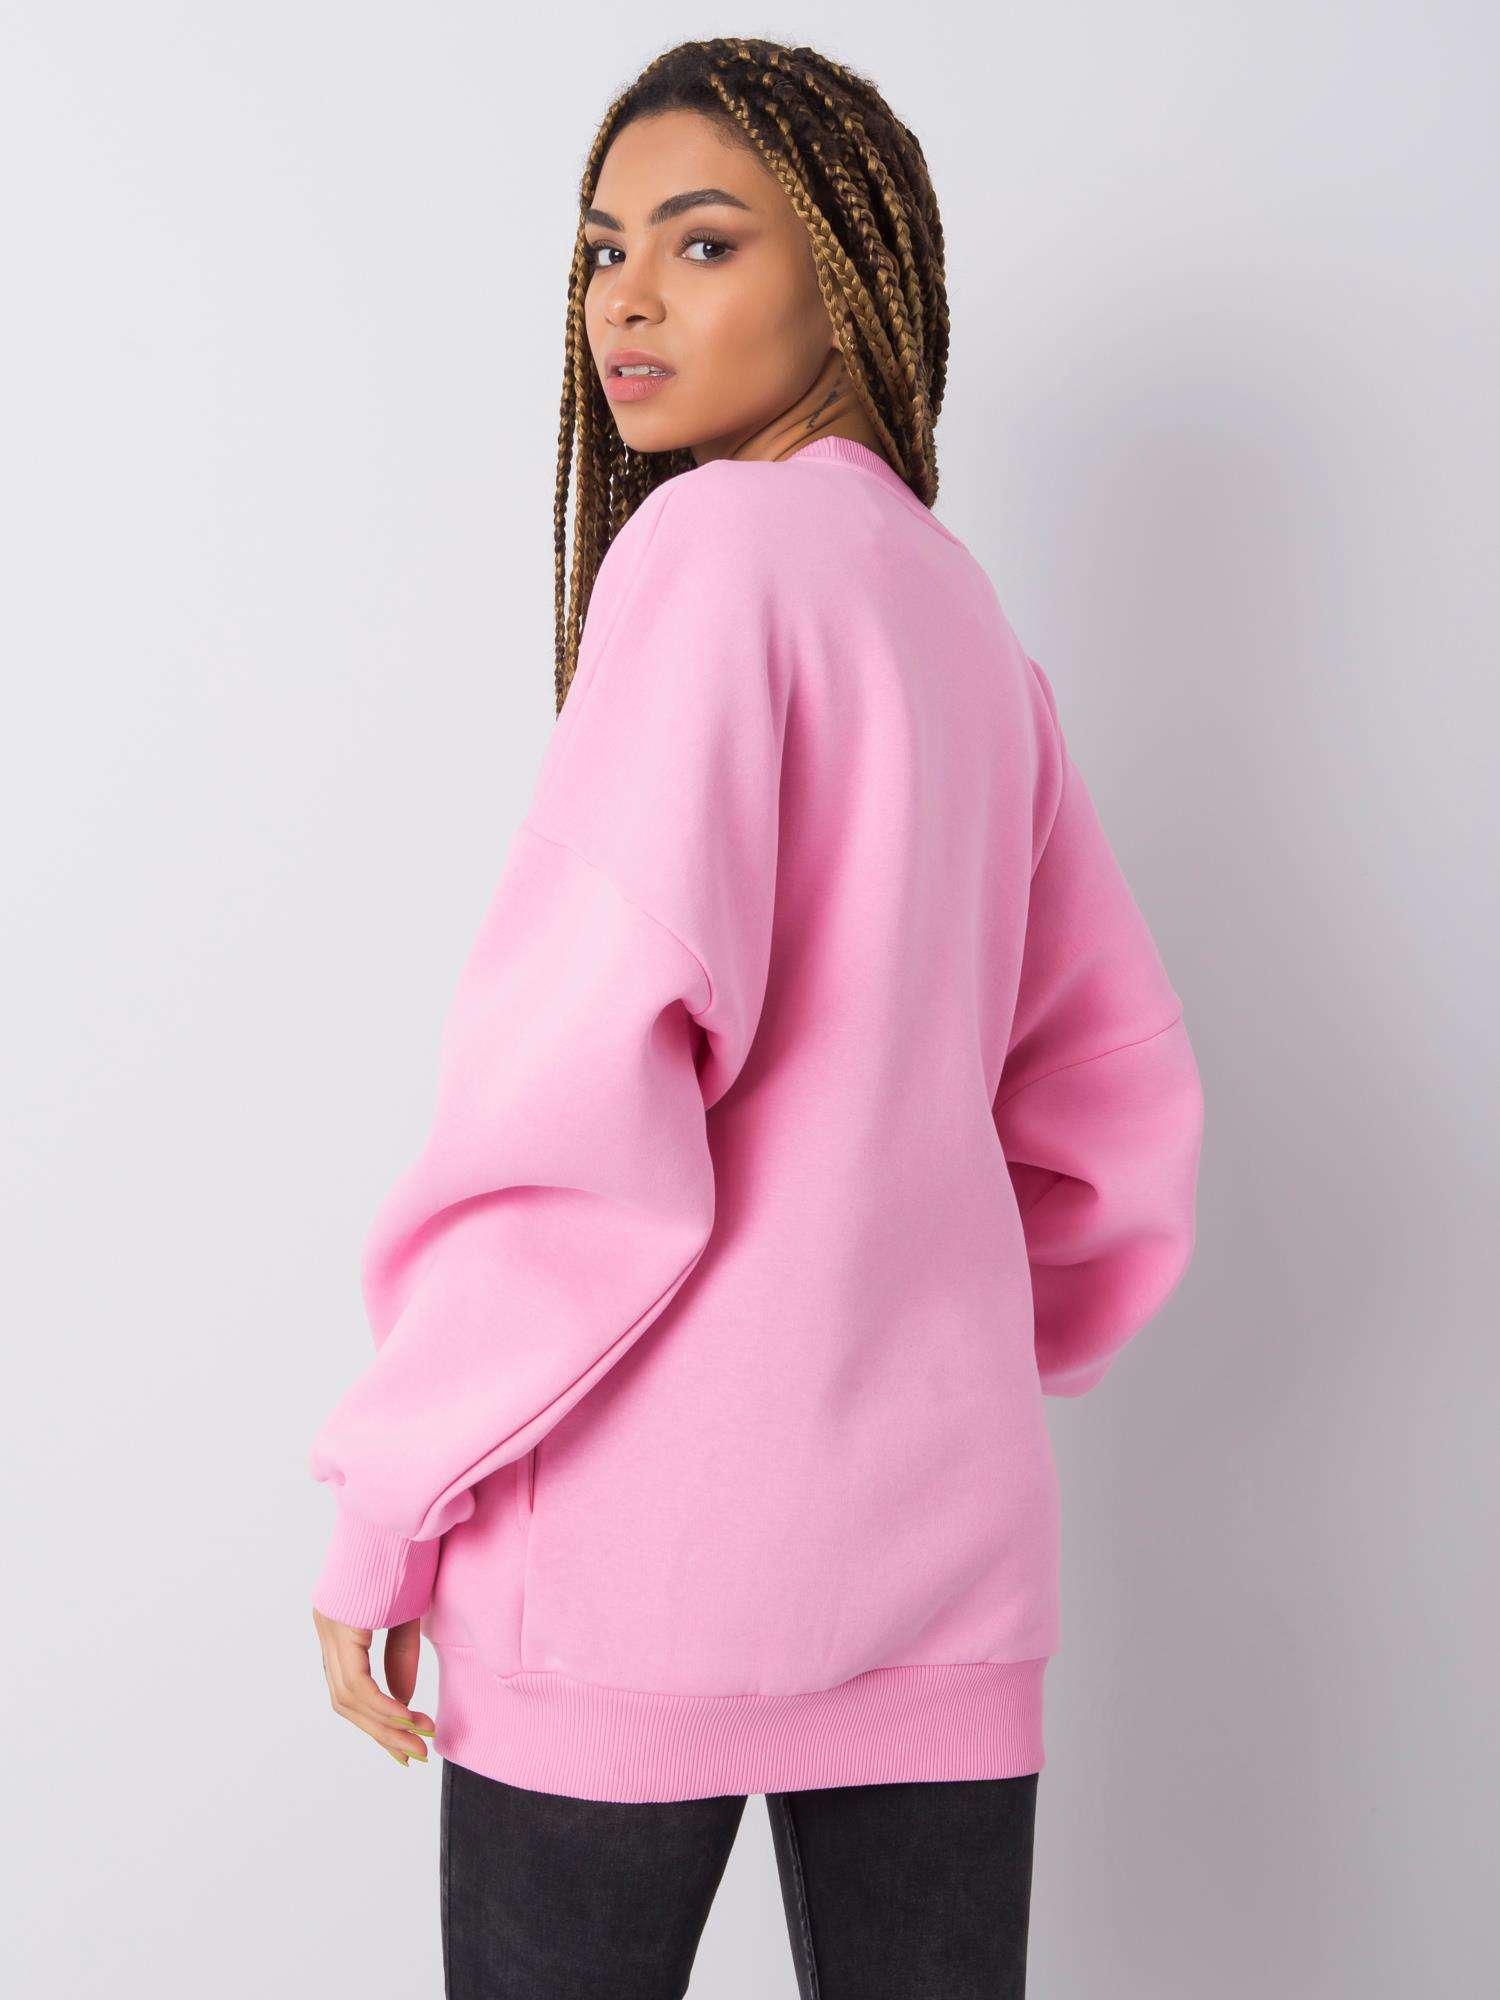 Sweatshirt in Rosa mit Aufdruck Rückansicht